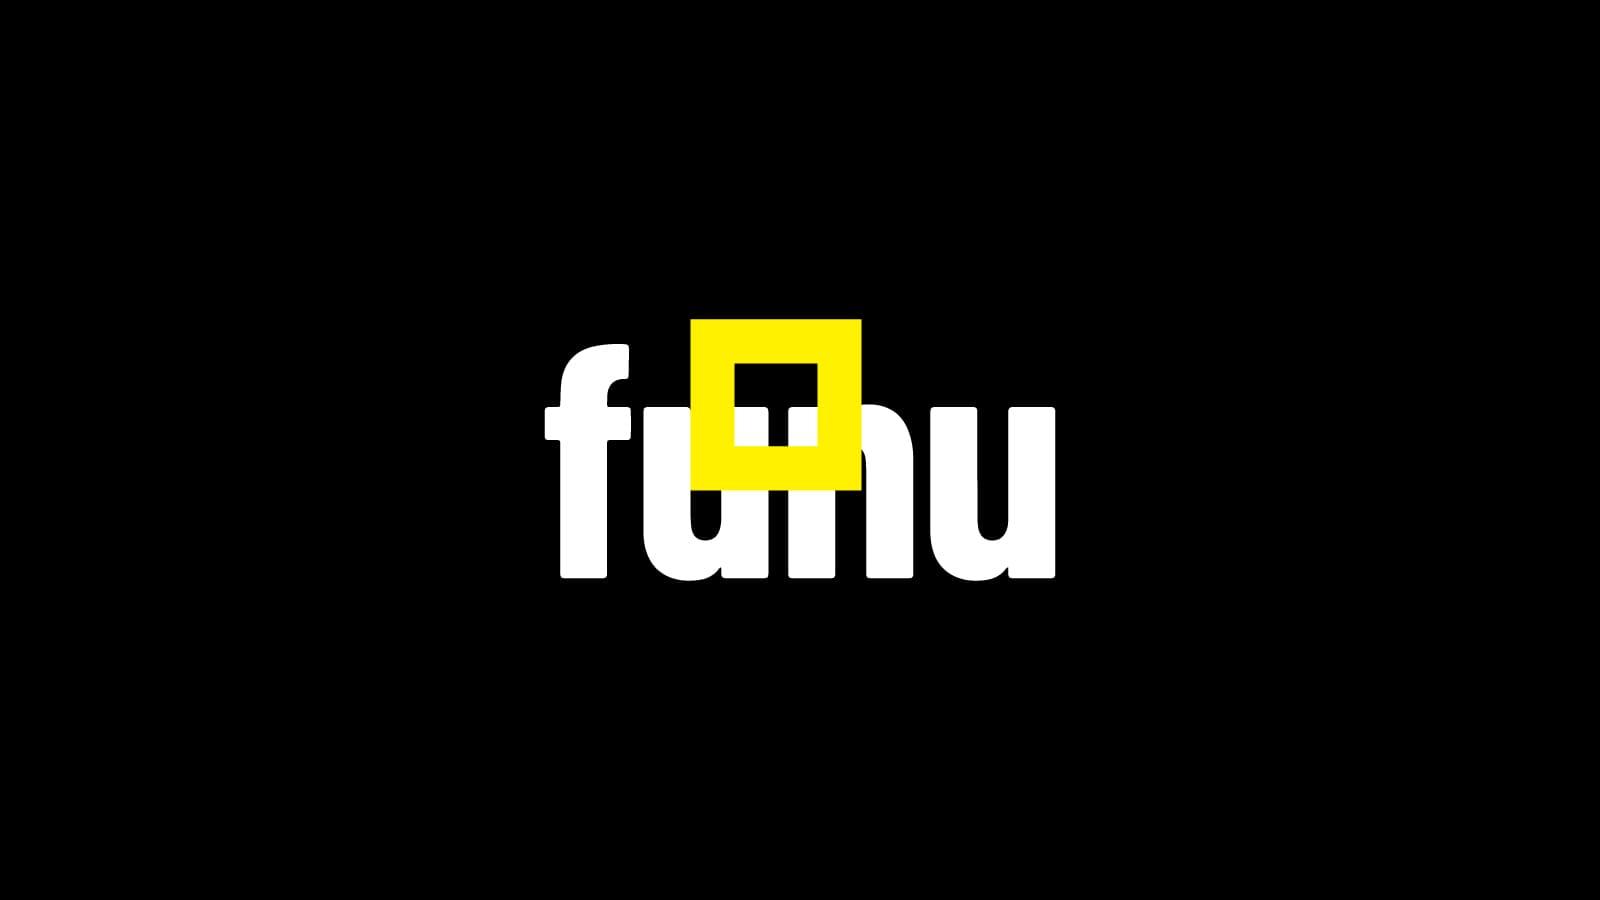 ハイクオリティブランディング動画制作funu